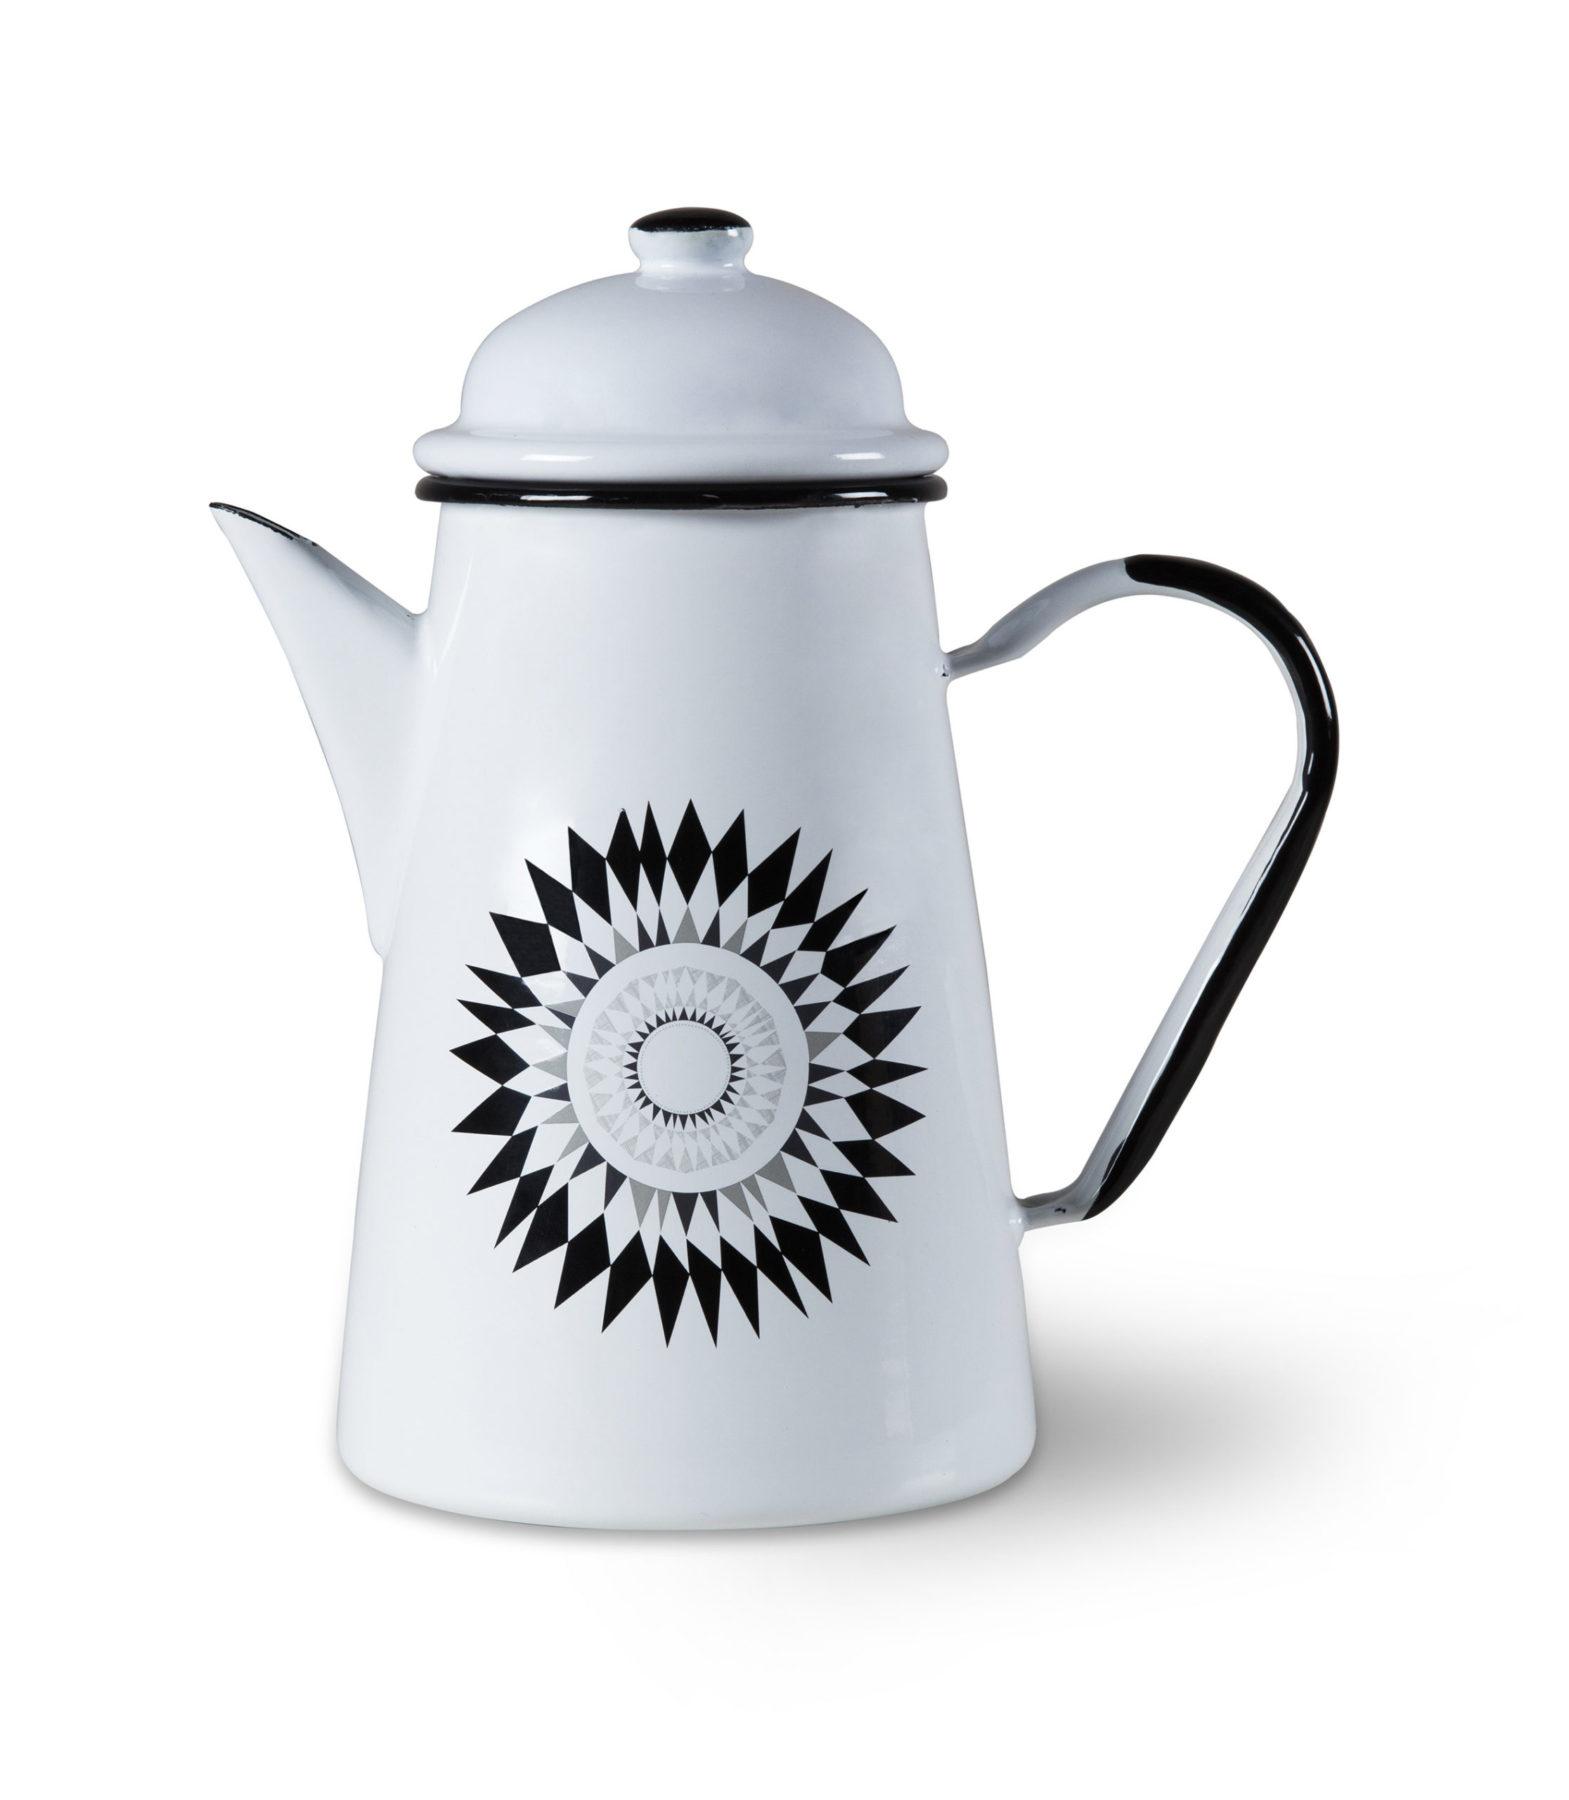 midnattssol_coffee_pot